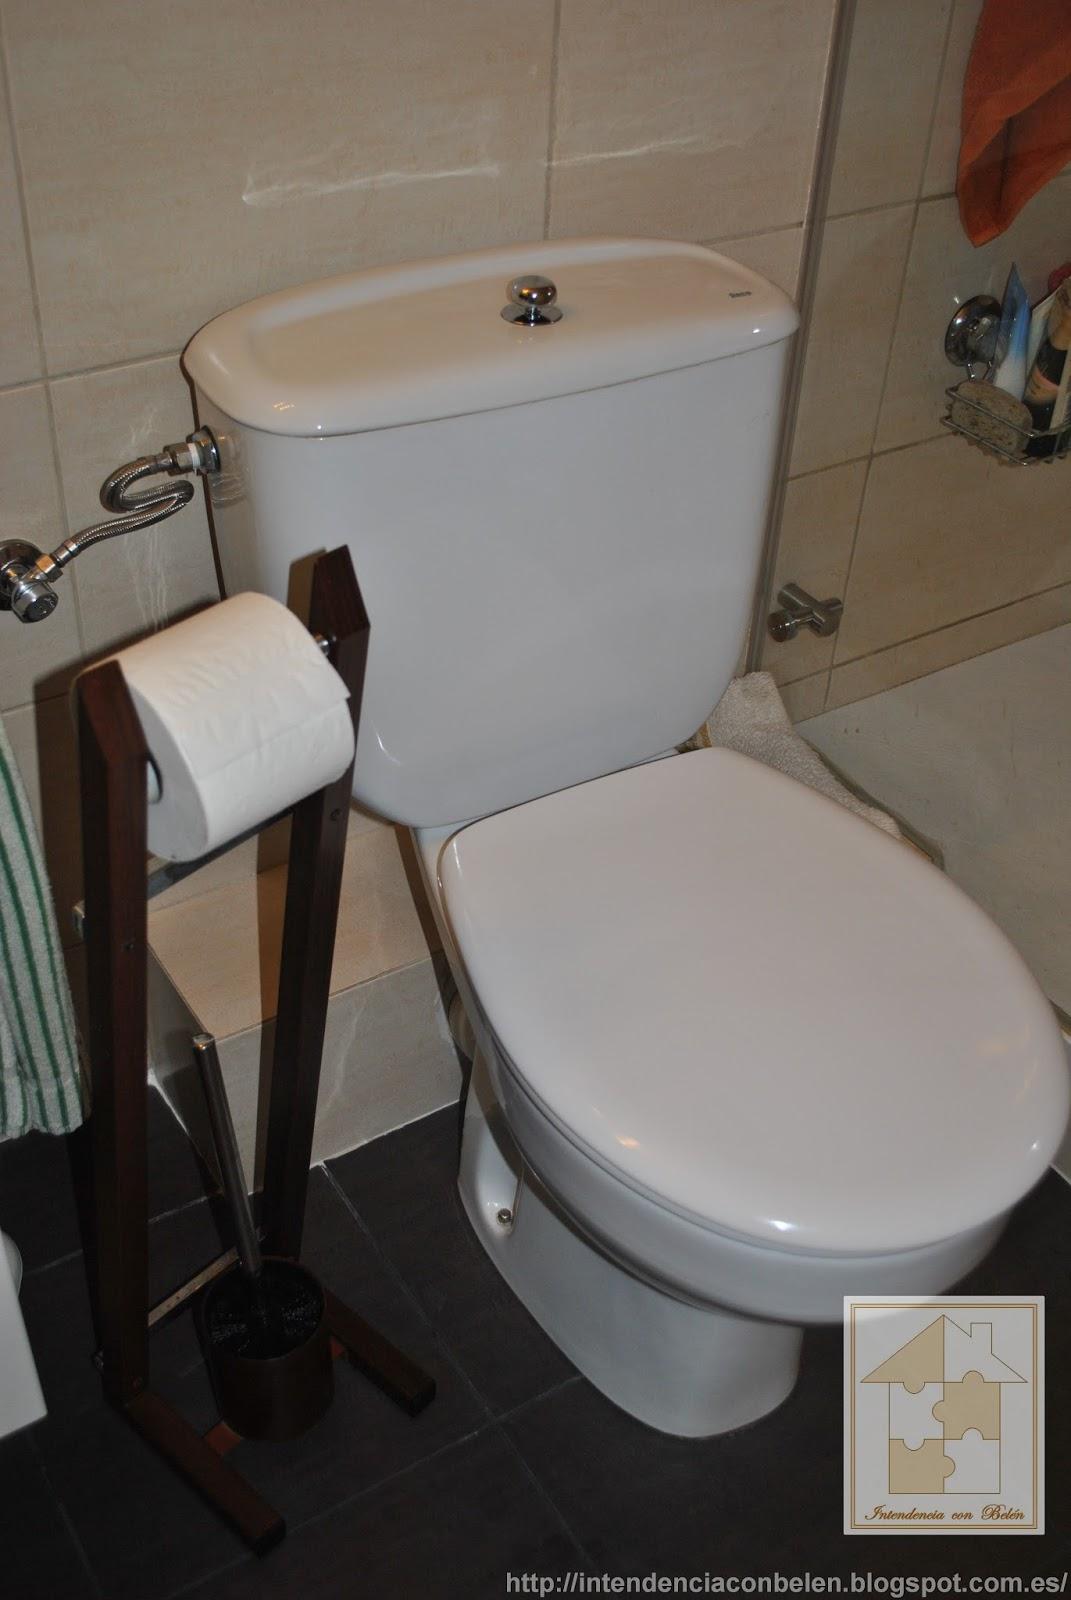 Intendencia con bel n limpiar la cal de nuestro wc - Como limpiar wc ...